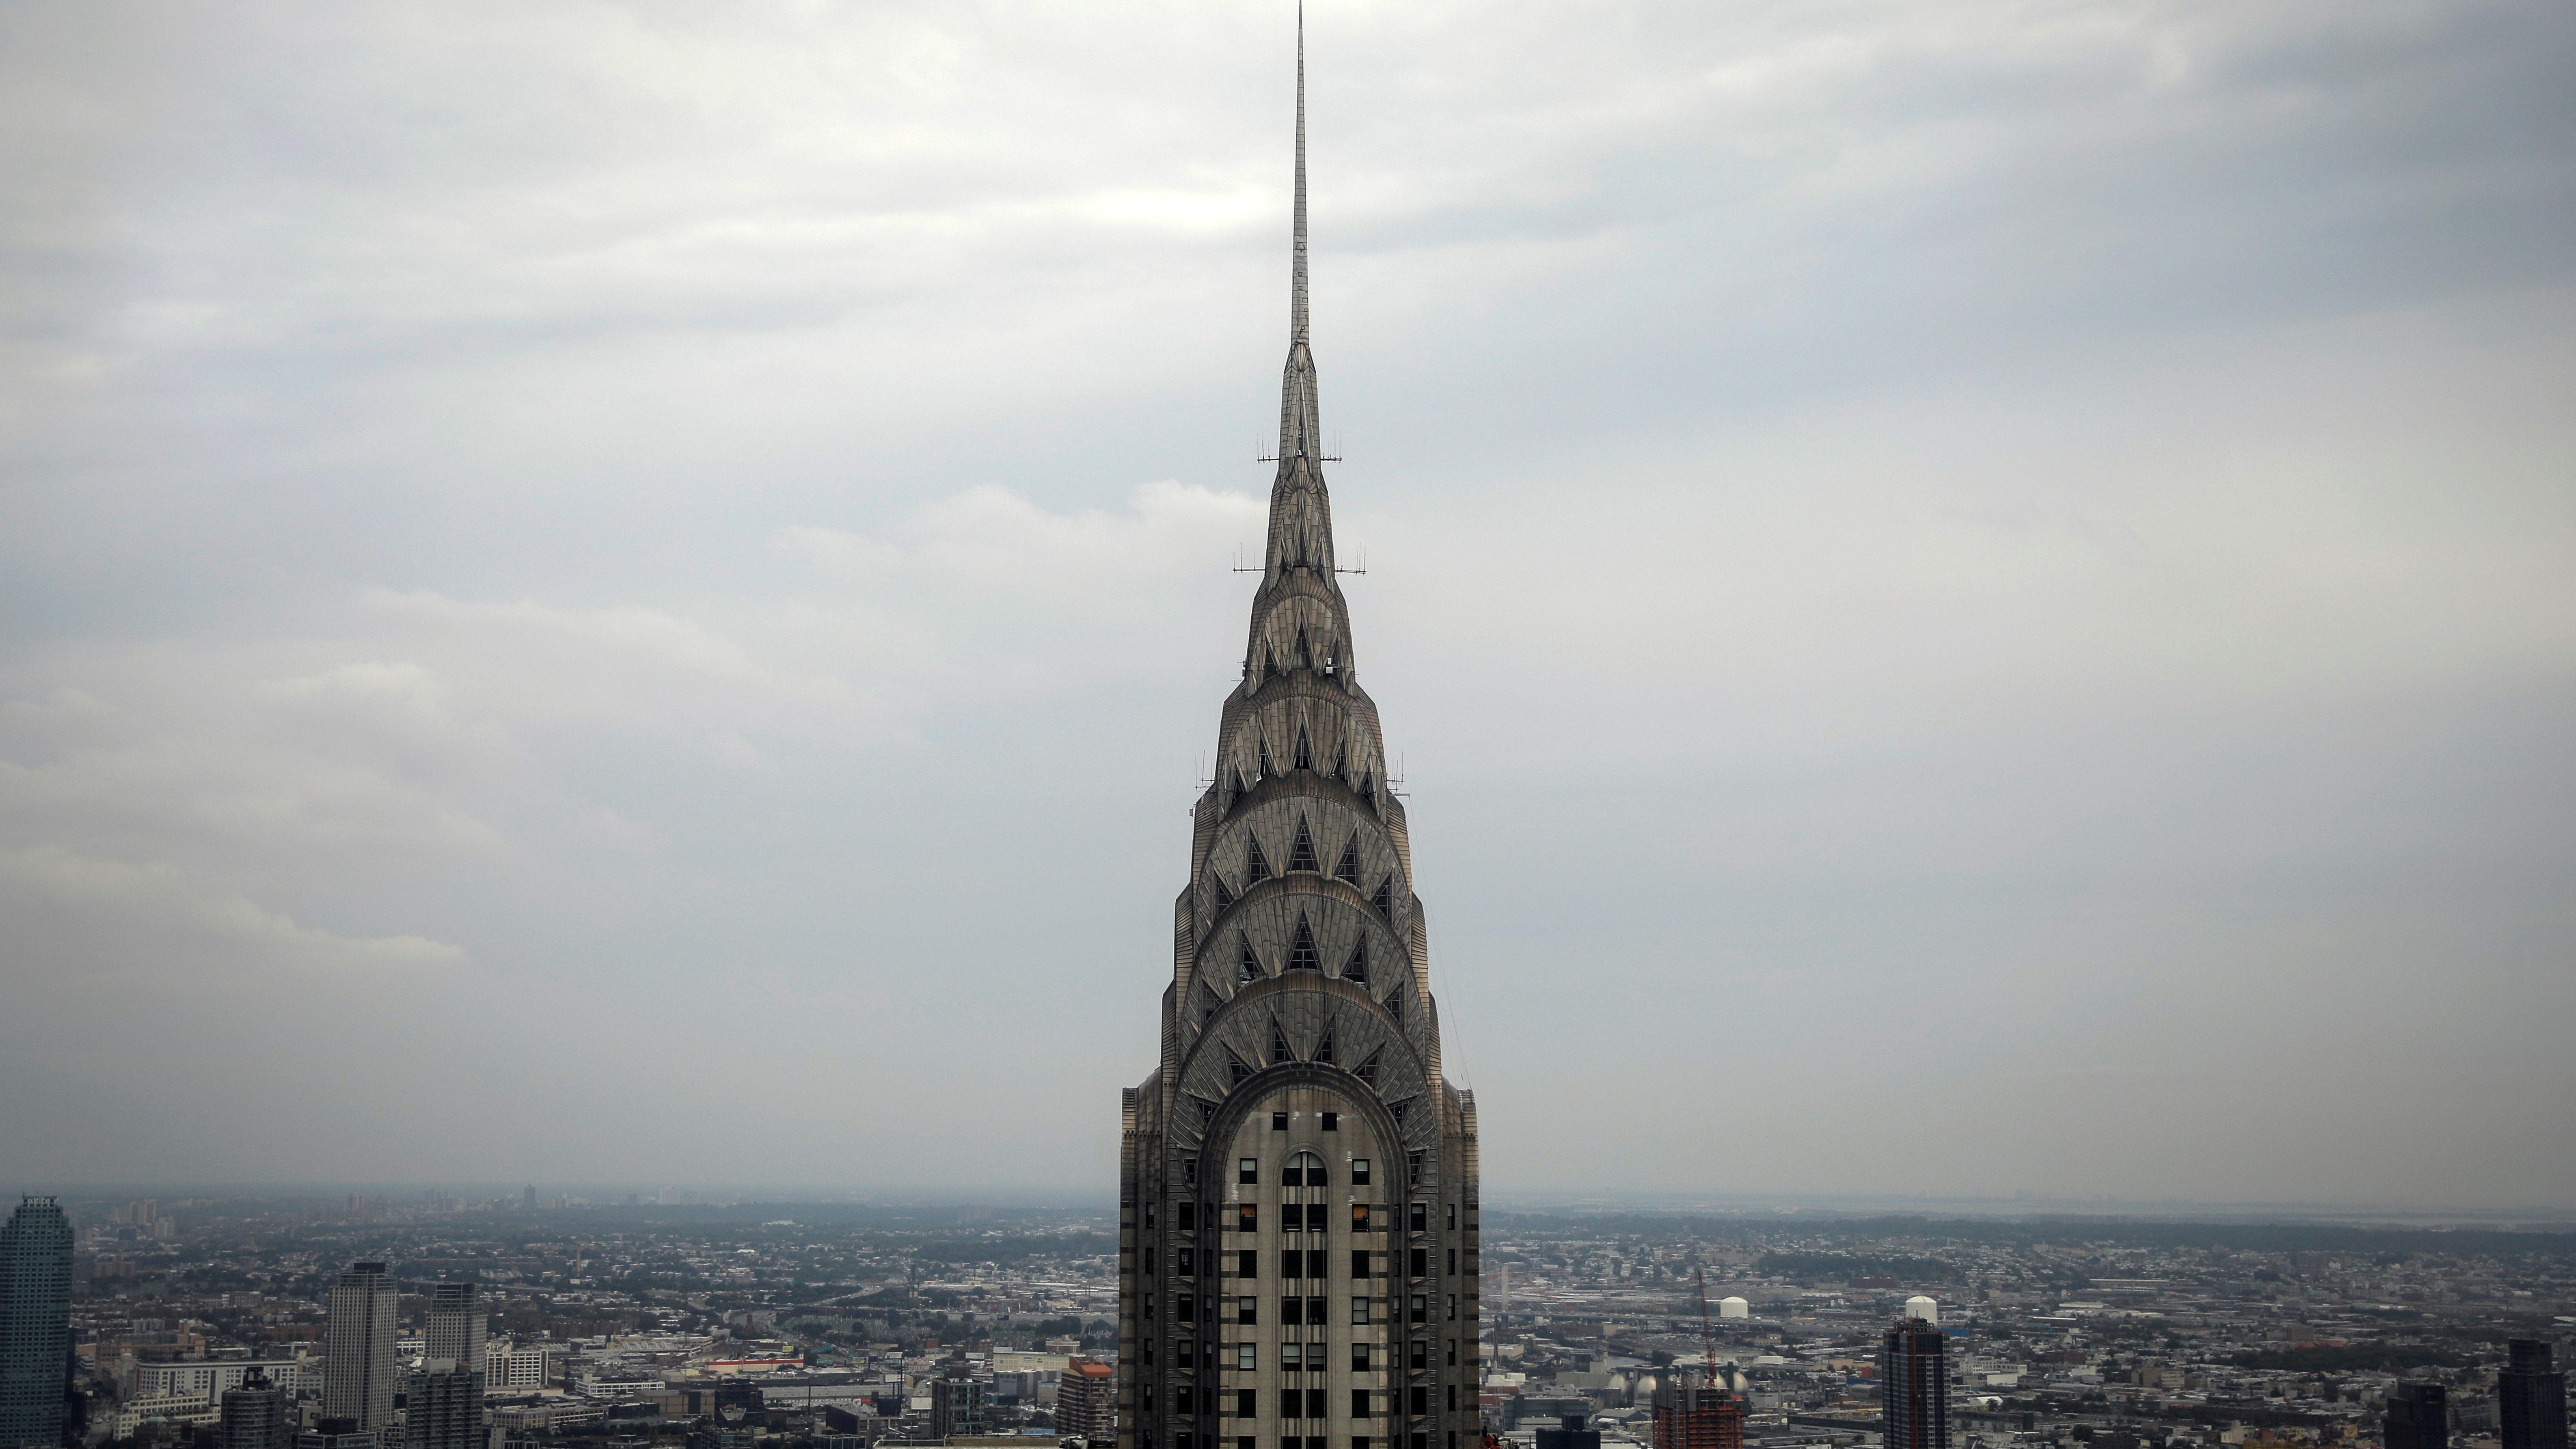 The Vanderbilt building in New York City.